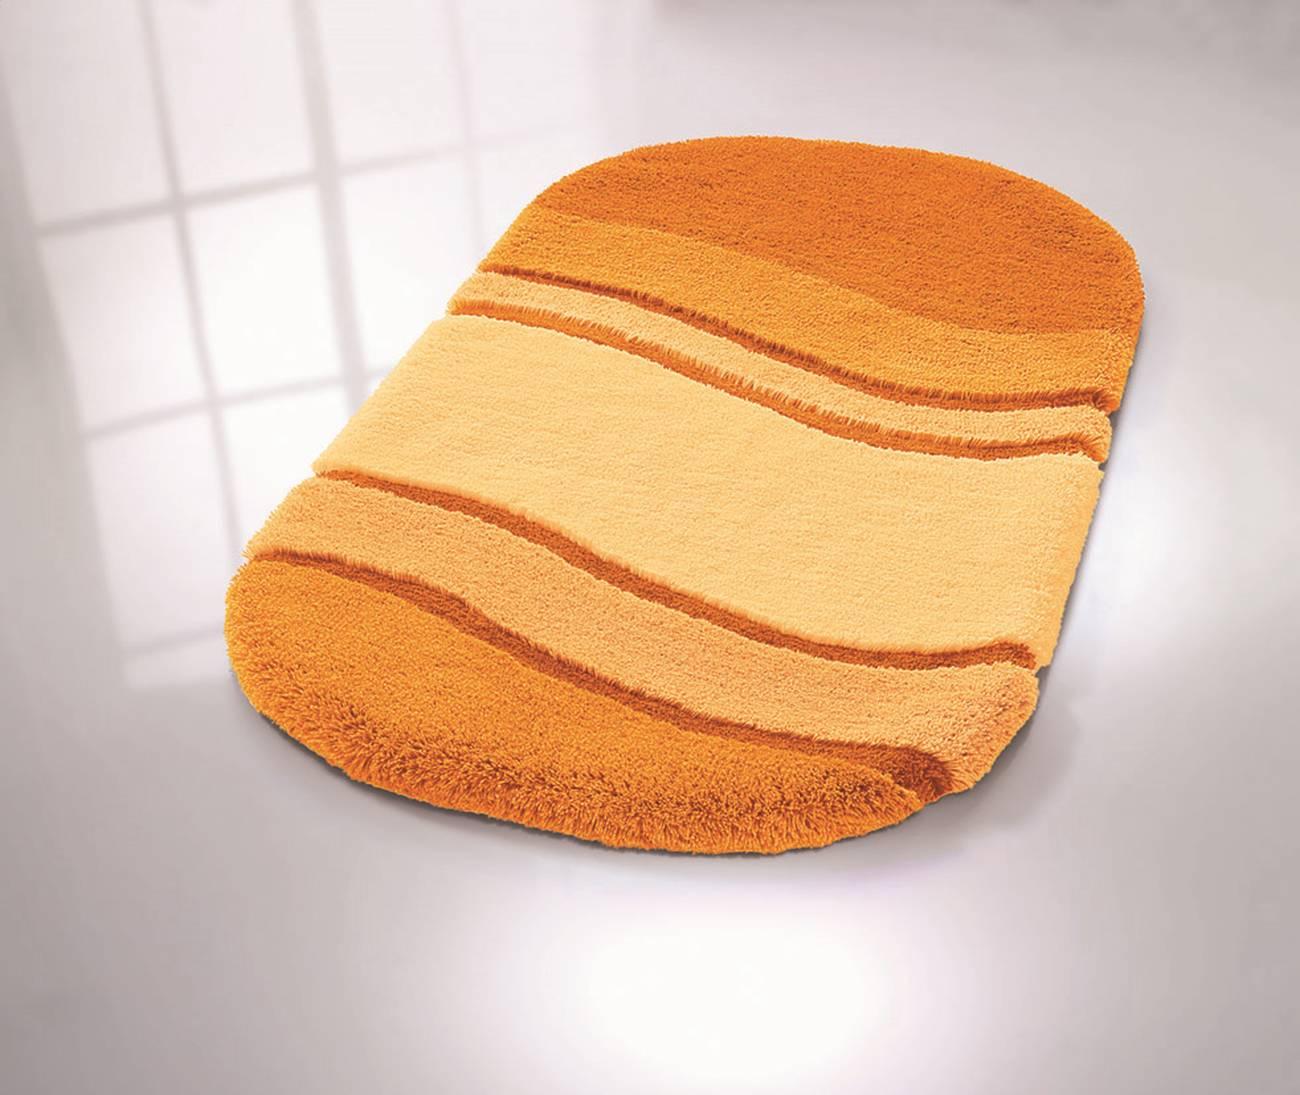 WC-Vorleger Siesta 100 % Polyacryl Sor.-Azurblau 55x 55 cm